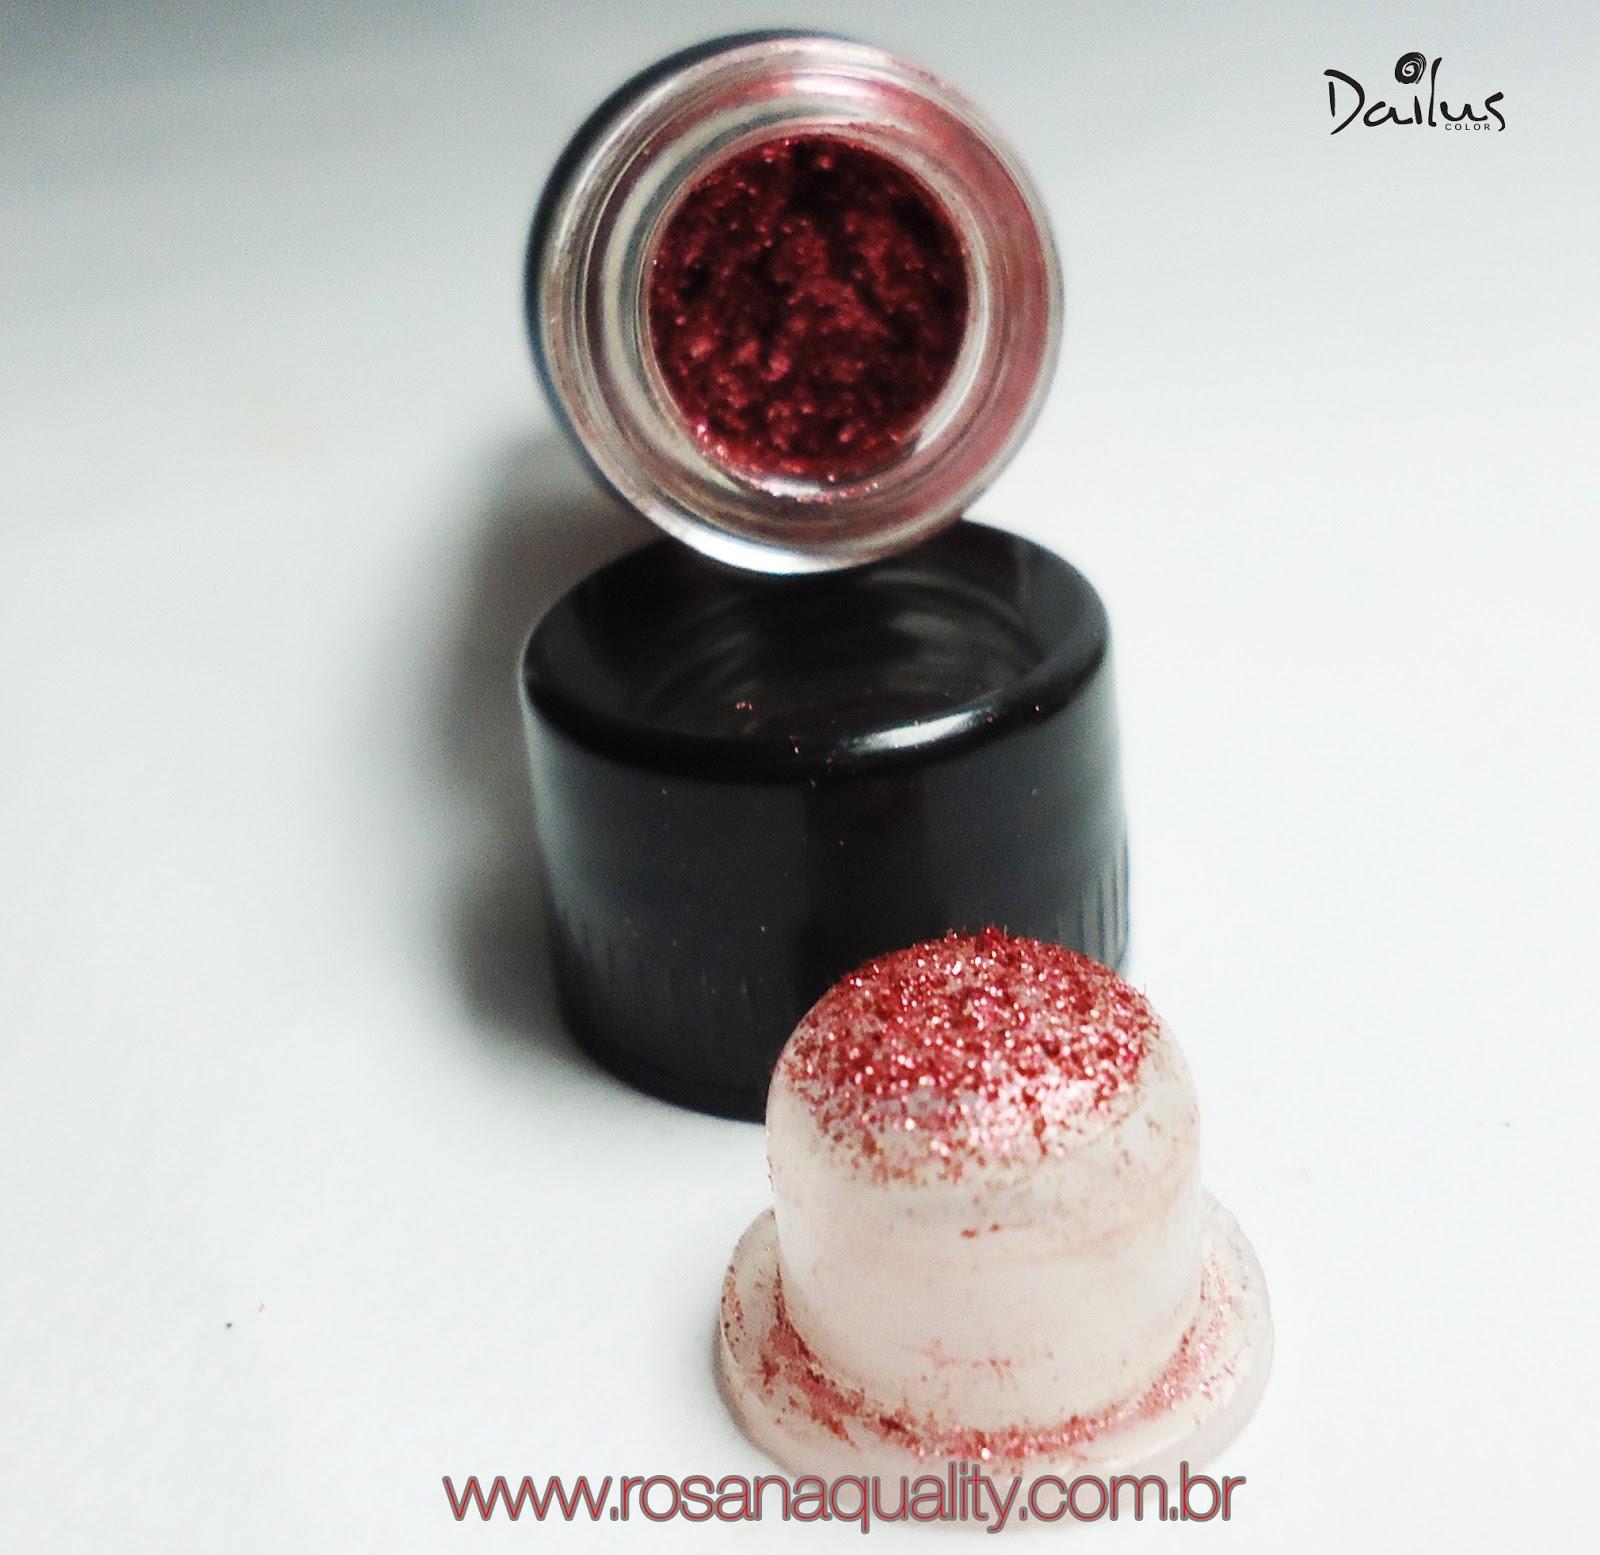 Pigmento Dailus 26